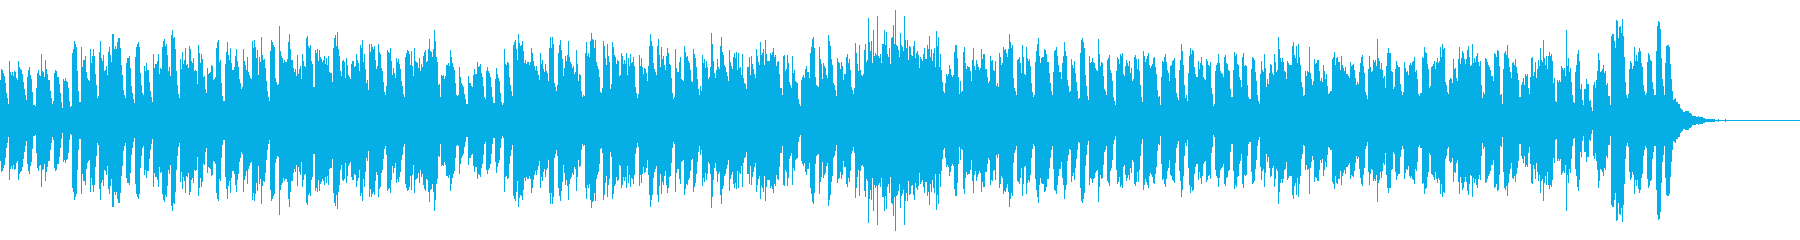 旋律が絡み合うピアノ曲の再生済みの波形